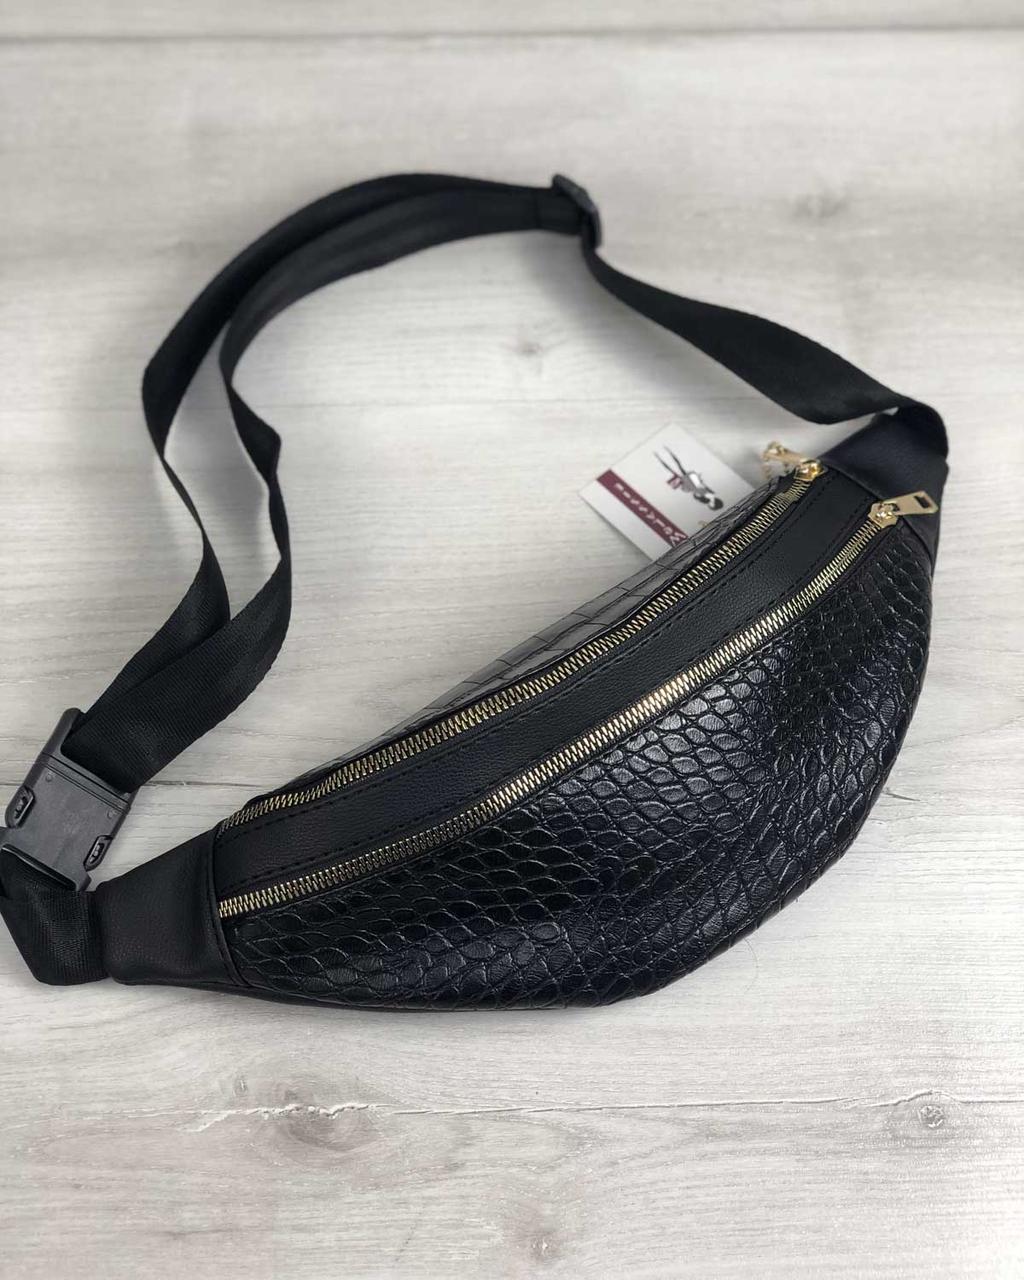 f11f3d5845ec Черная сумка бананка на пояс 60904 большая на плечо под крокодила -  Интернет магазин сумок SUMKOFF